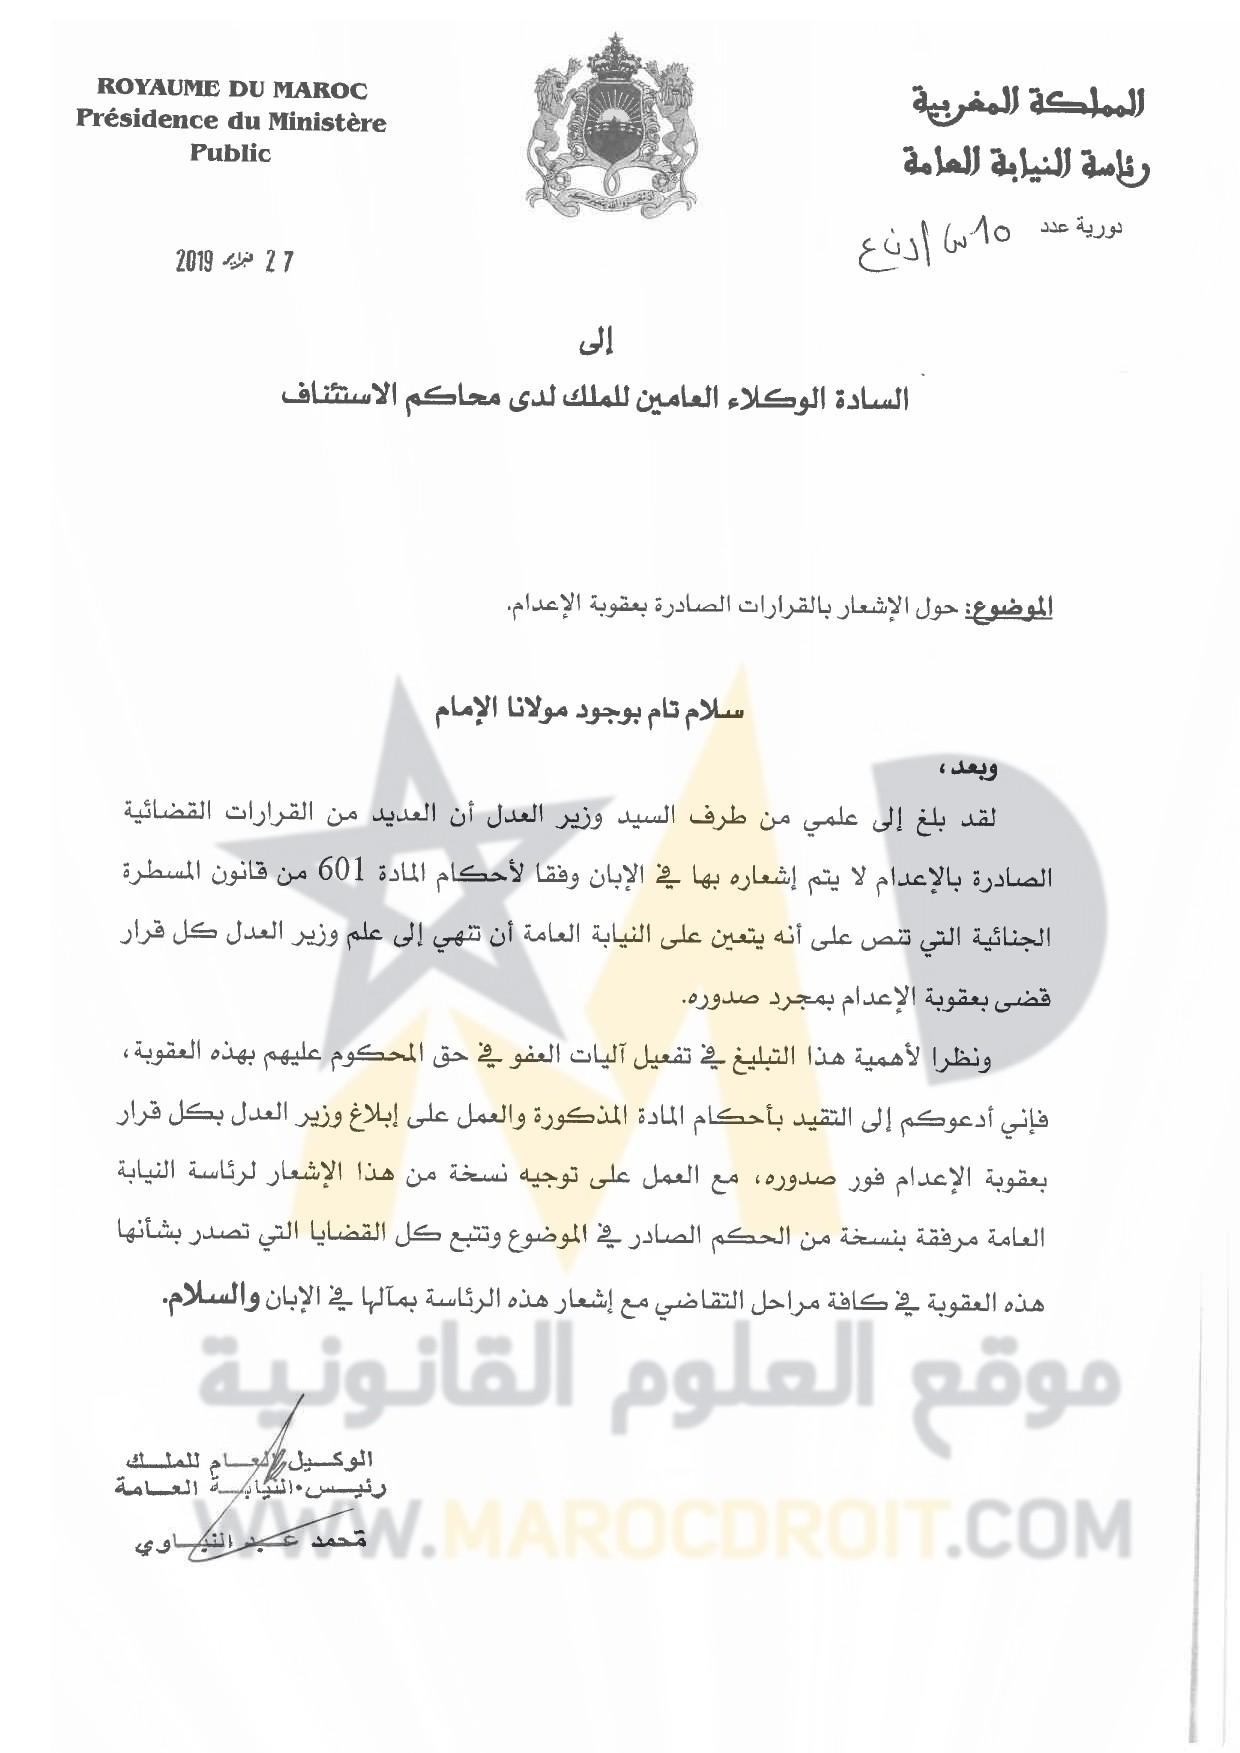 دورية رئاسة النيابة العامة بتاريخ  27 فبراير 2019 حول الإشعار بالقرارات الصادرة بعقوبة الإعدام.